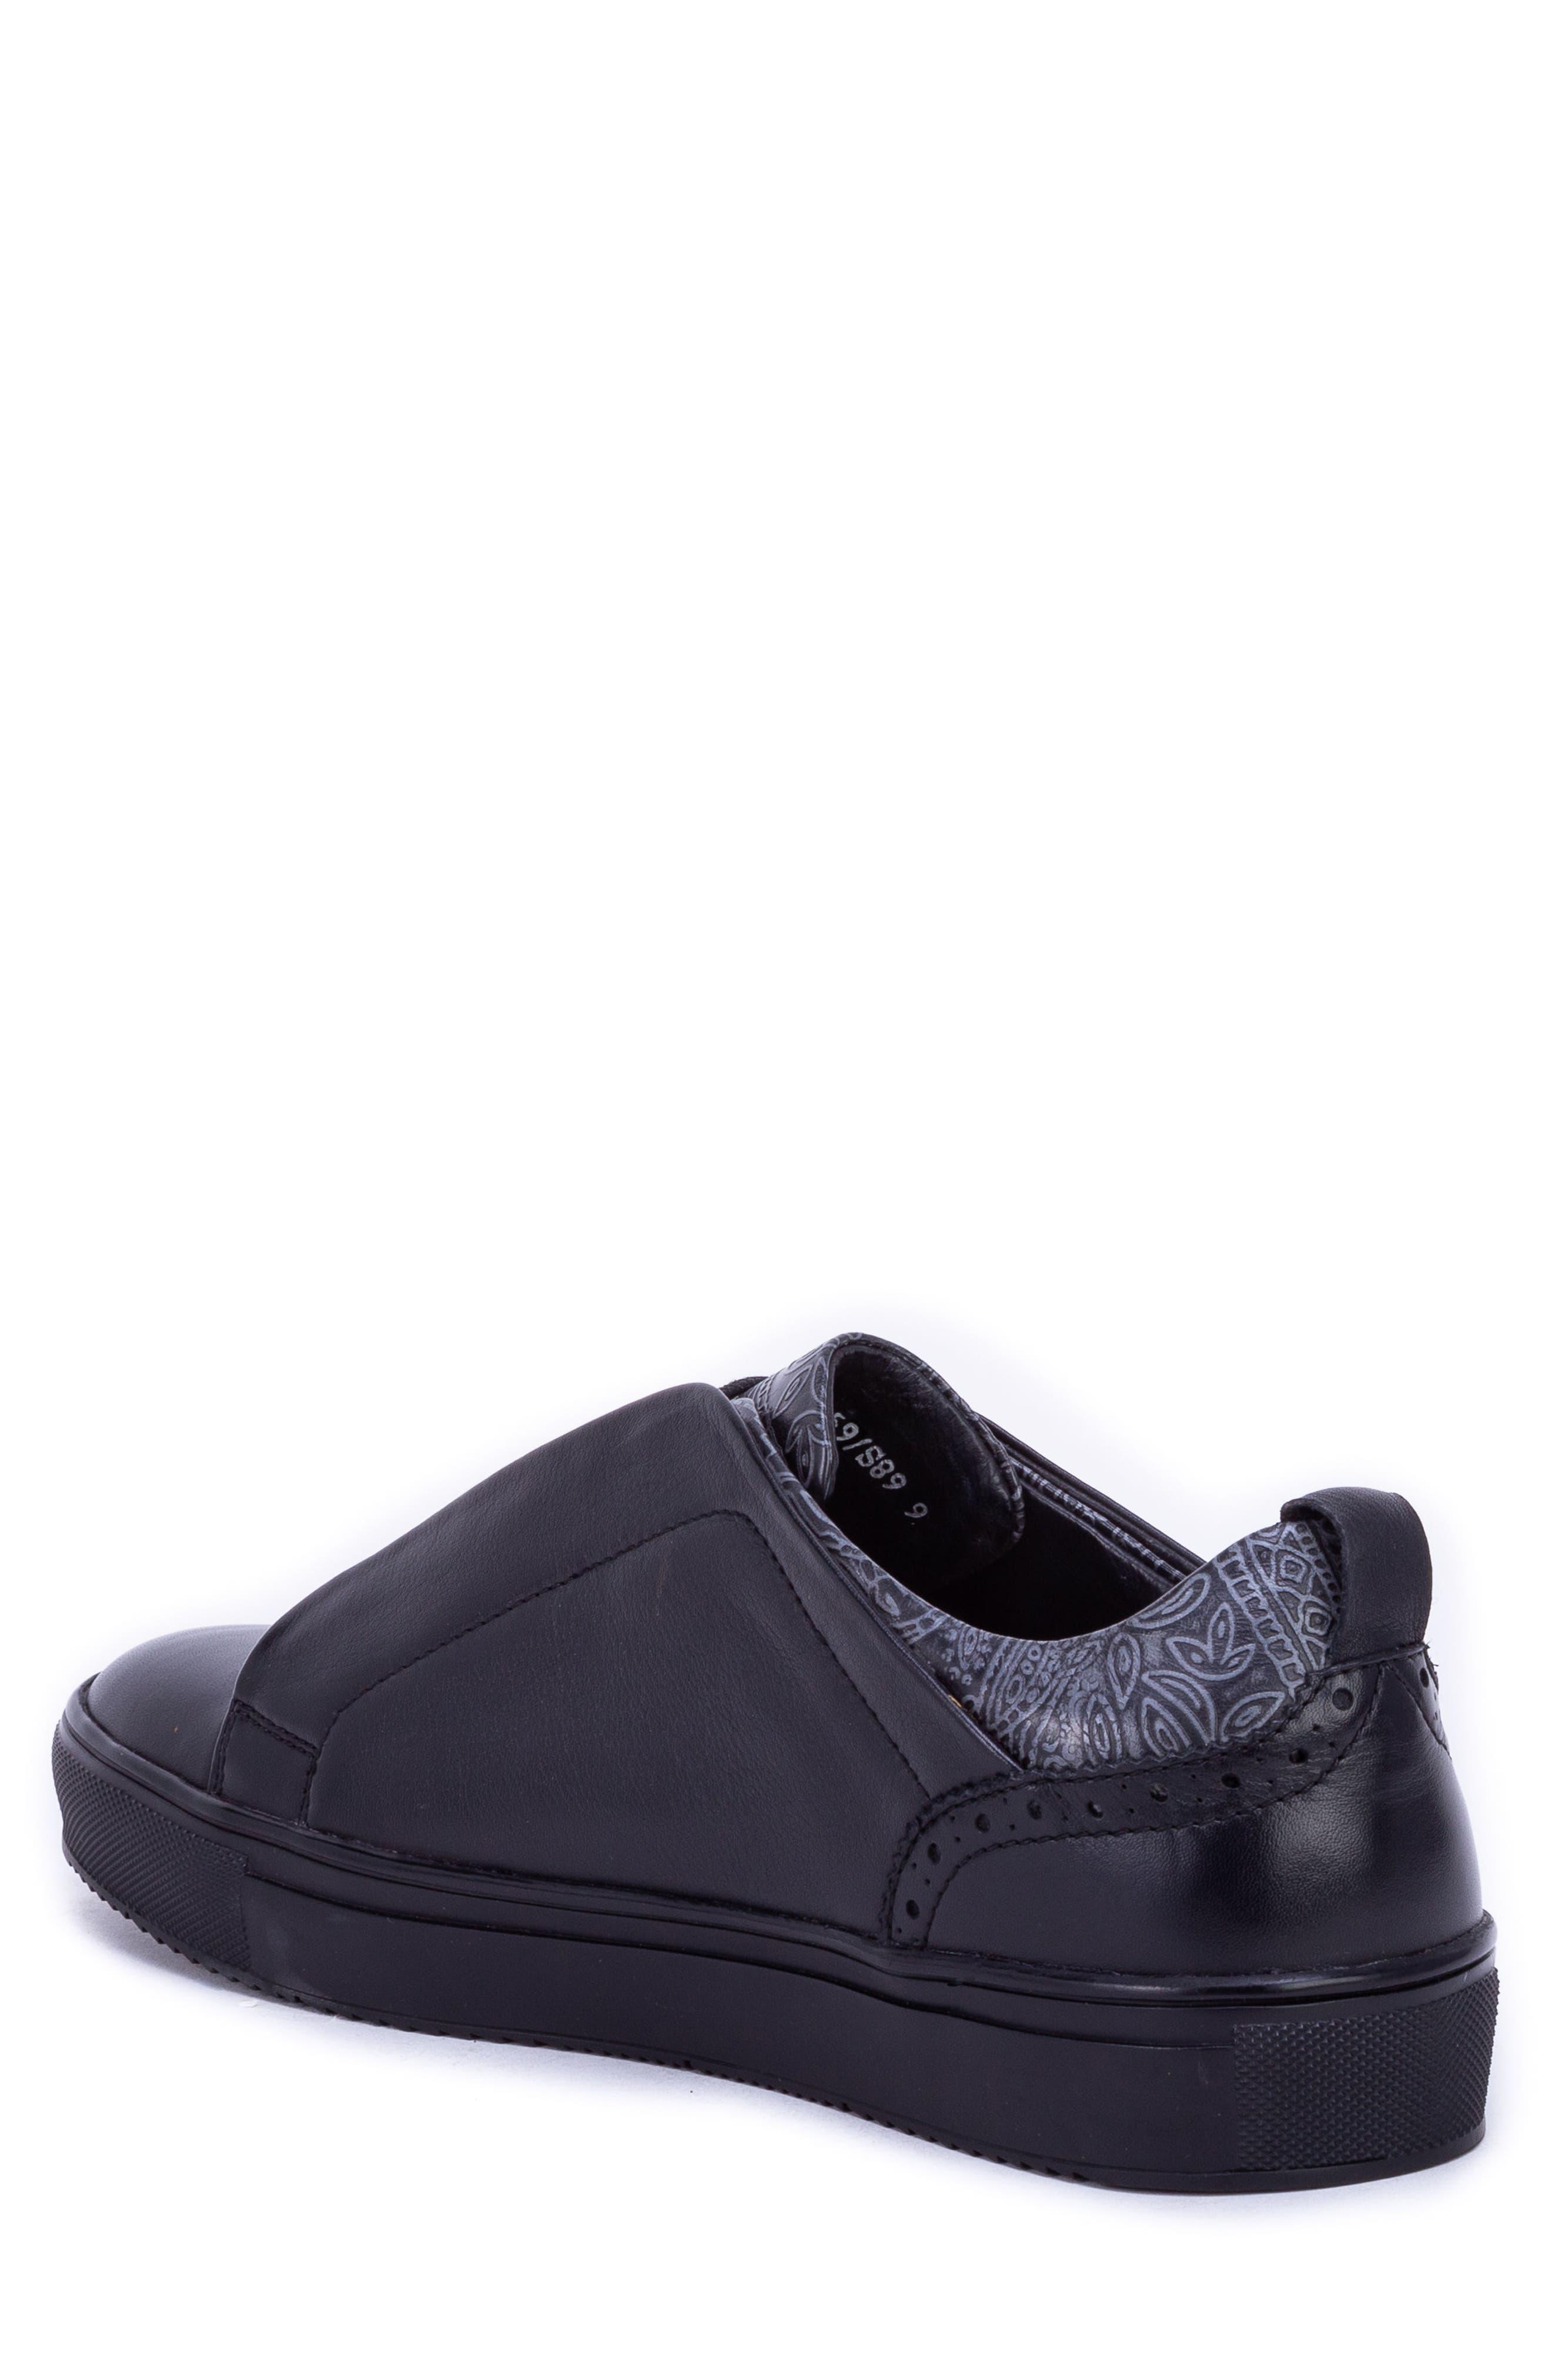 Sharpe Textured Sneaker,                             Alternate thumbnail 2, color,                             001